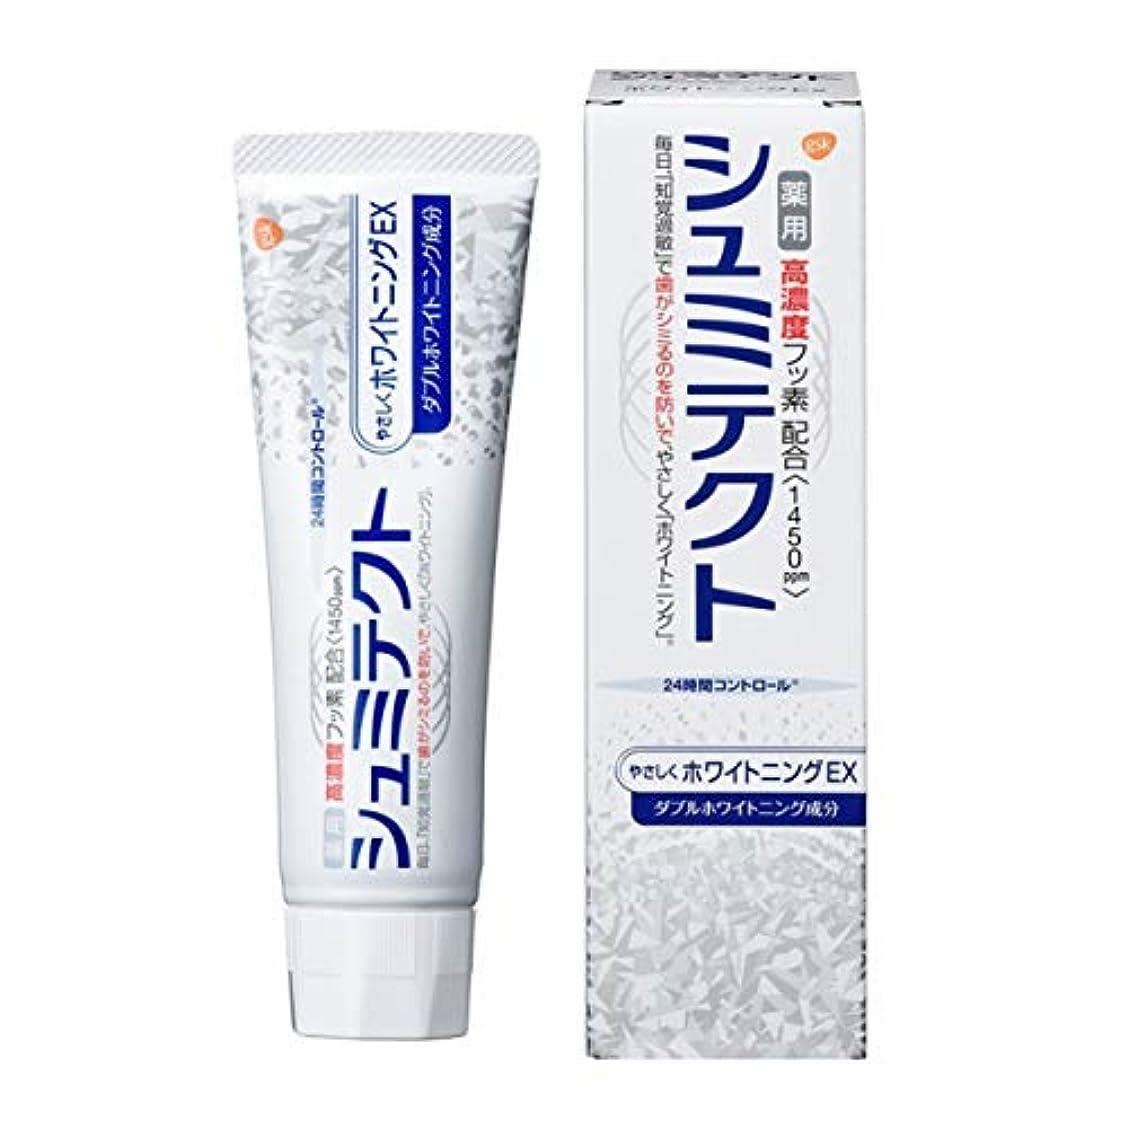 応答テレビ局より平らな薬用シュミテクト やさしくホワイトニングEX 高濃度フッ素配合 <1450ppm> 知覚過敏予防 歯磨き粉 90g